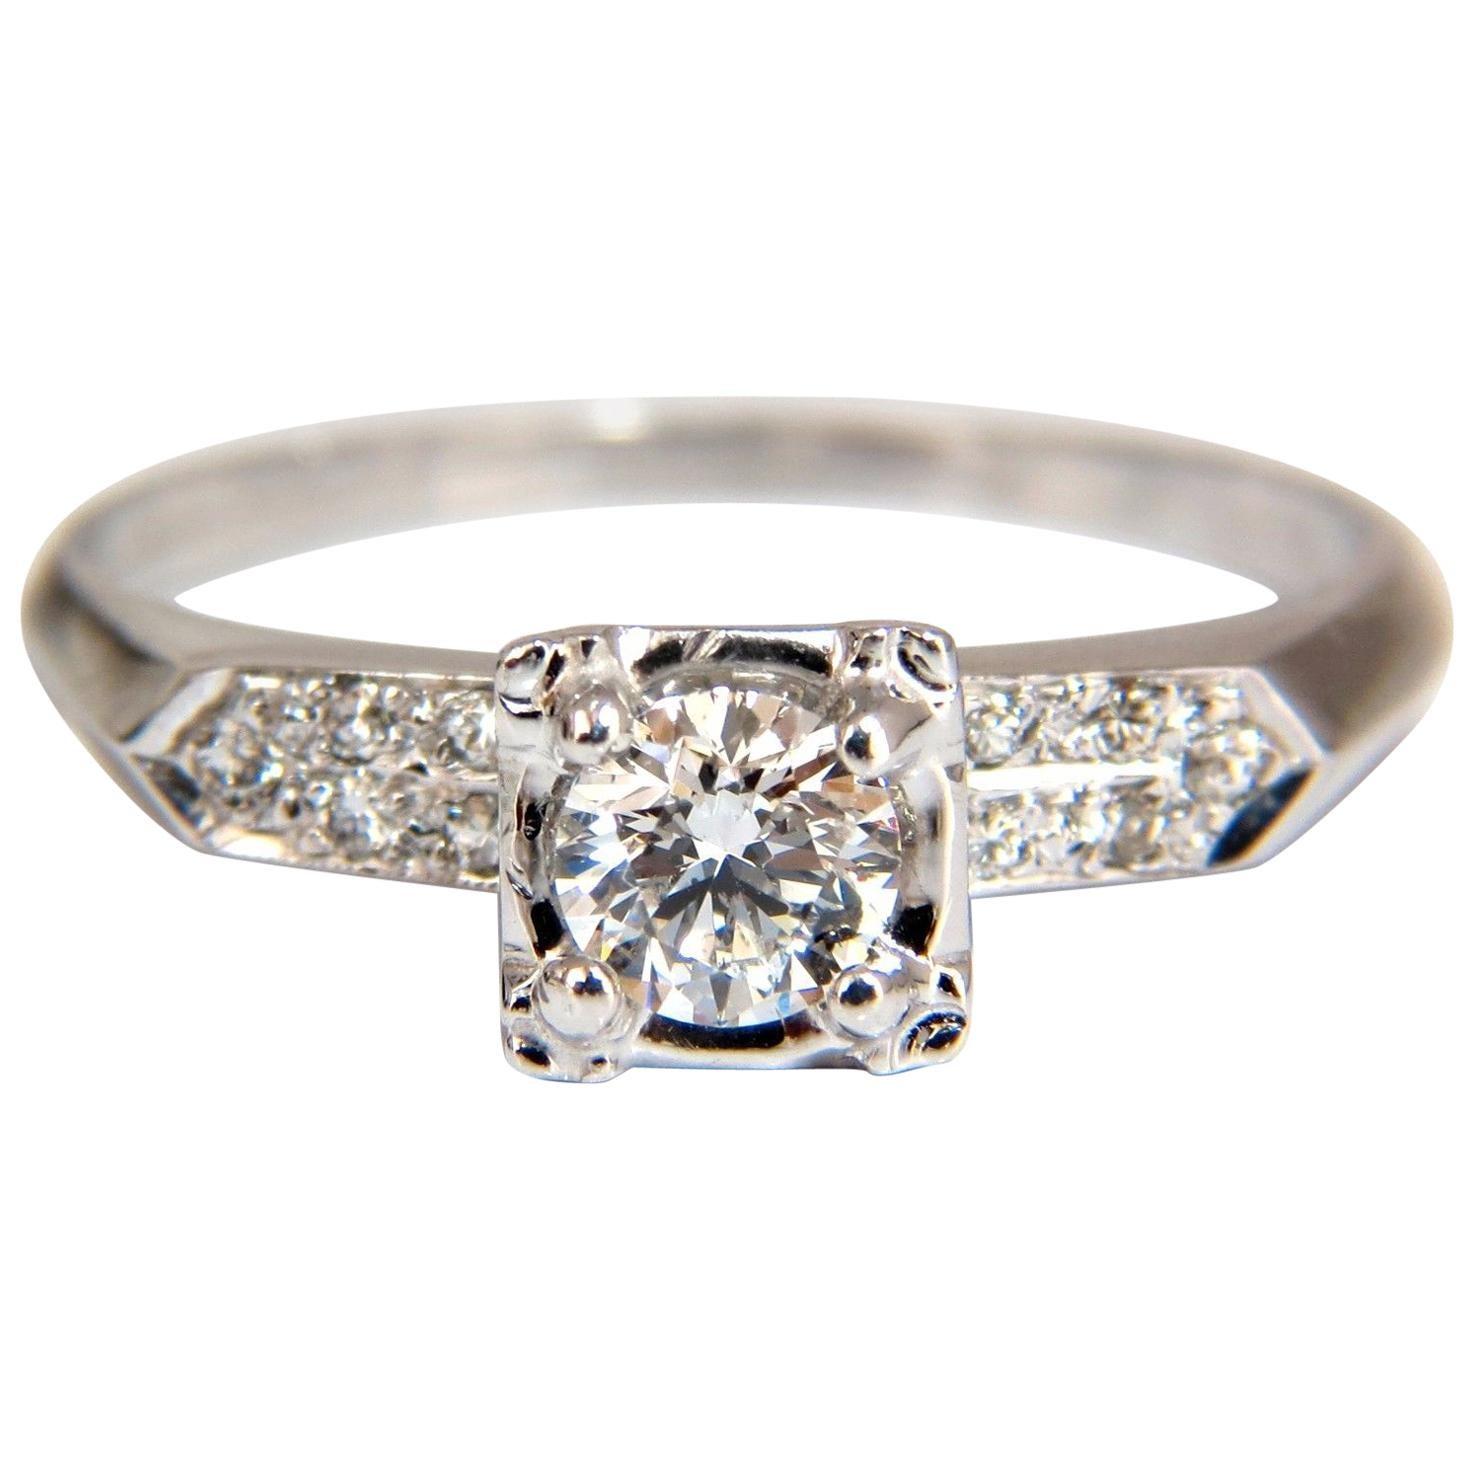 .67 Carat Natural Round Diamonds Vintage Raised Deck Ring 14 Karat